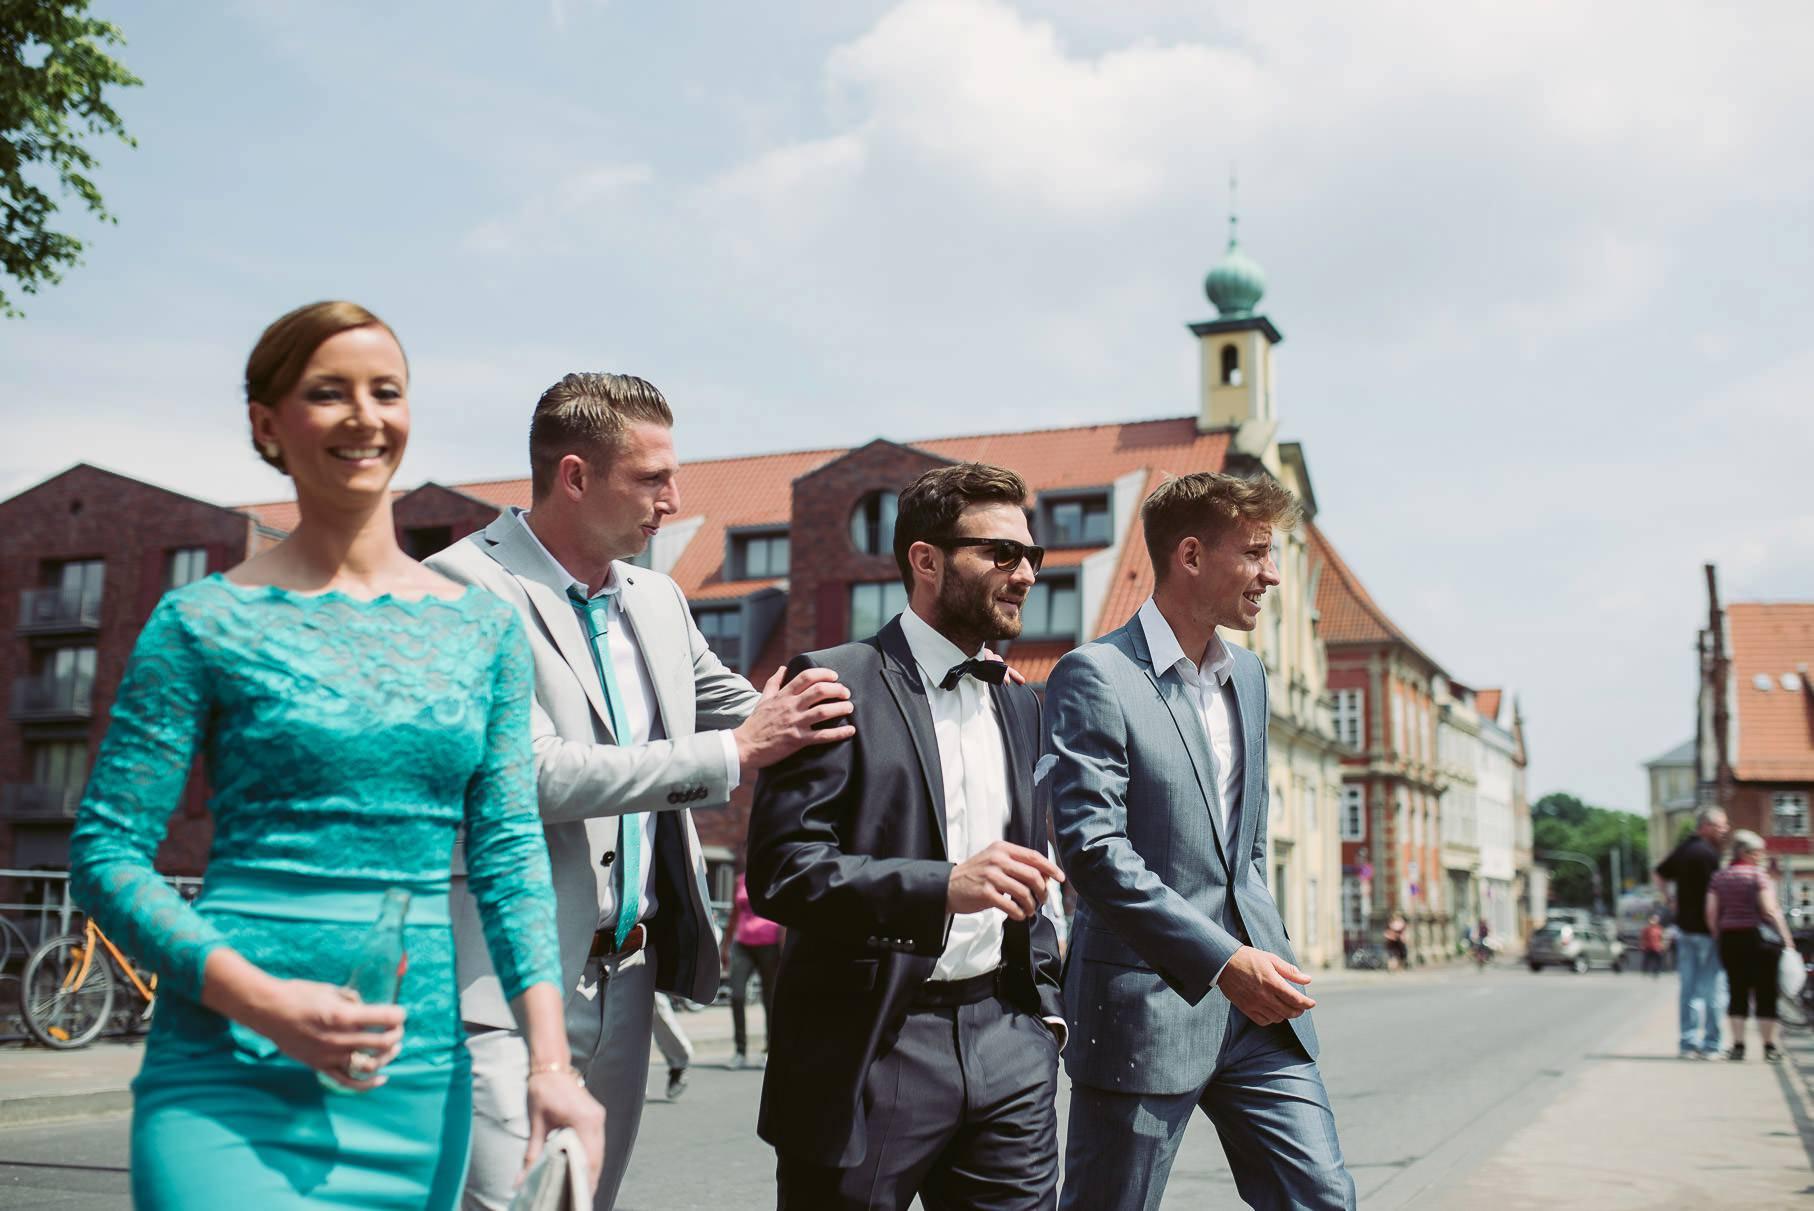 0015 jus 811 9246 - Hochzeit im Wasserturm Lüneburg - Jenny & Sascha